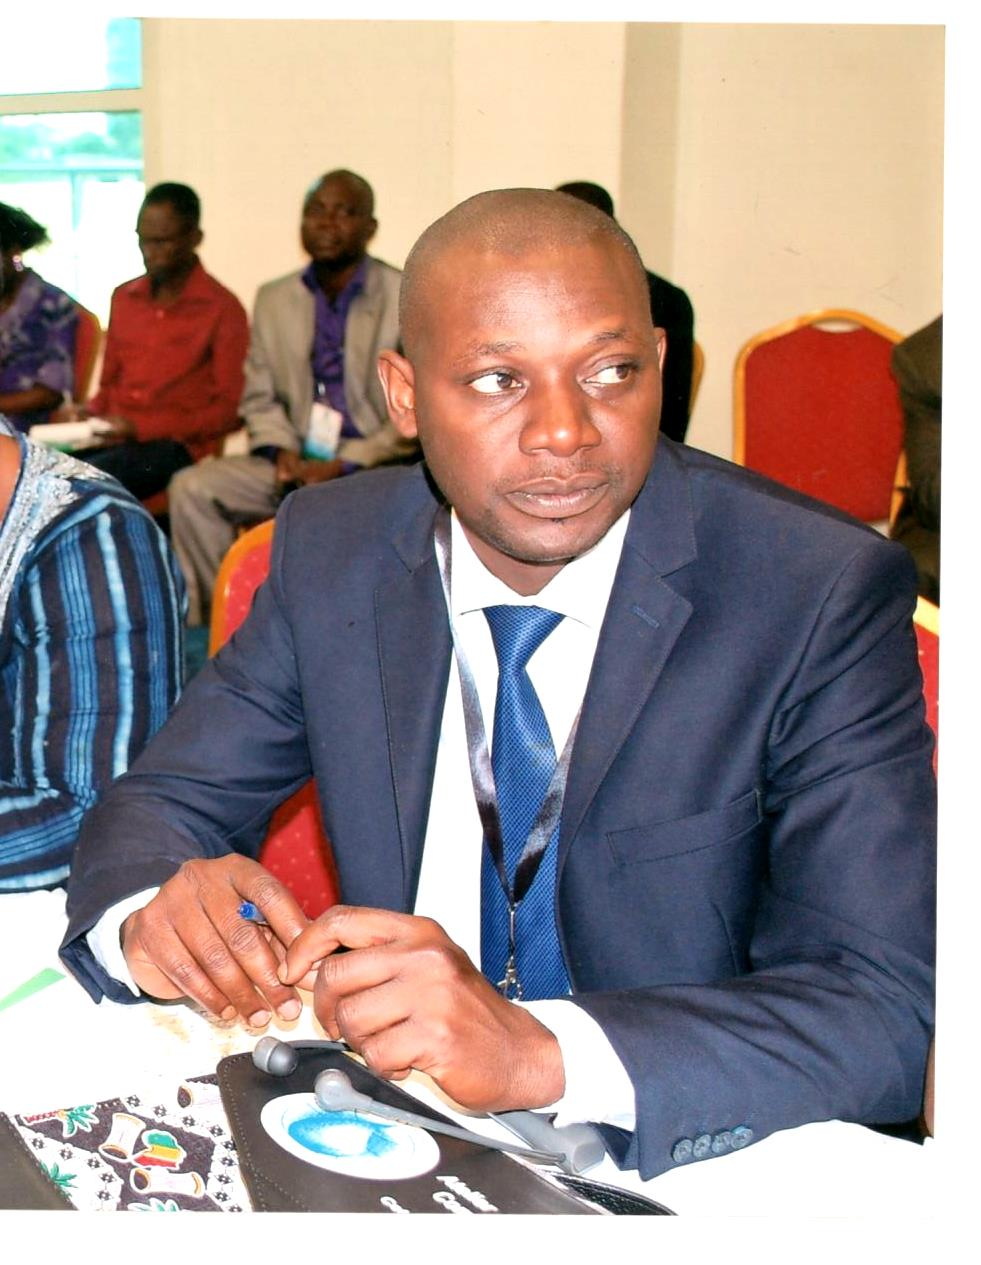 Au-delà des échanges épistolaires entre Abdoul Mbaye et Mahammad Dionne